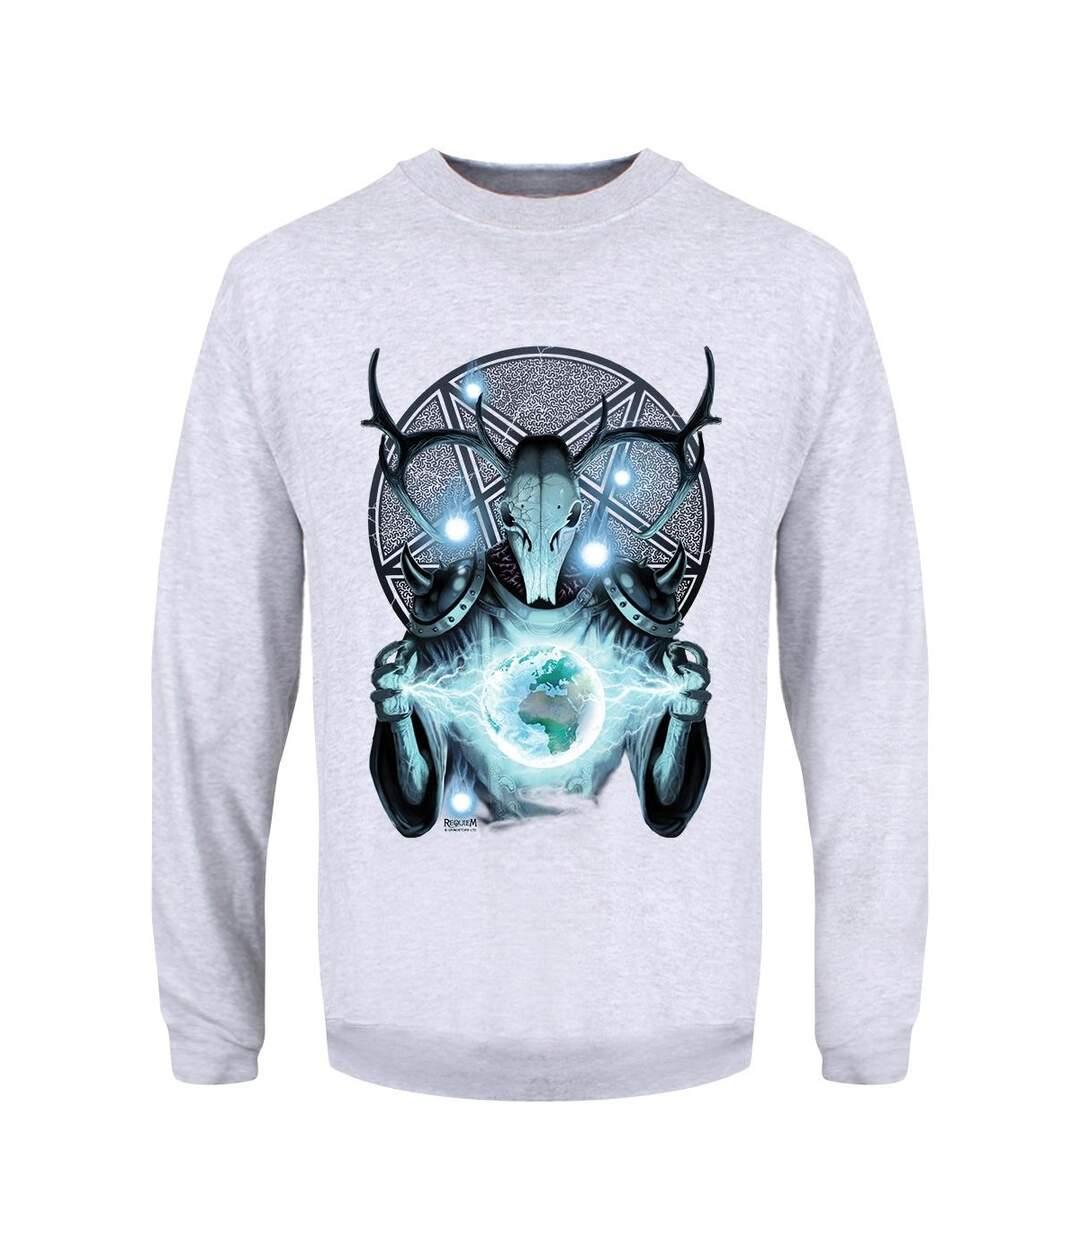 Requiem Collective Mens Infernal Messenger Sweatshirt (Heather Grey) - UTGR1942